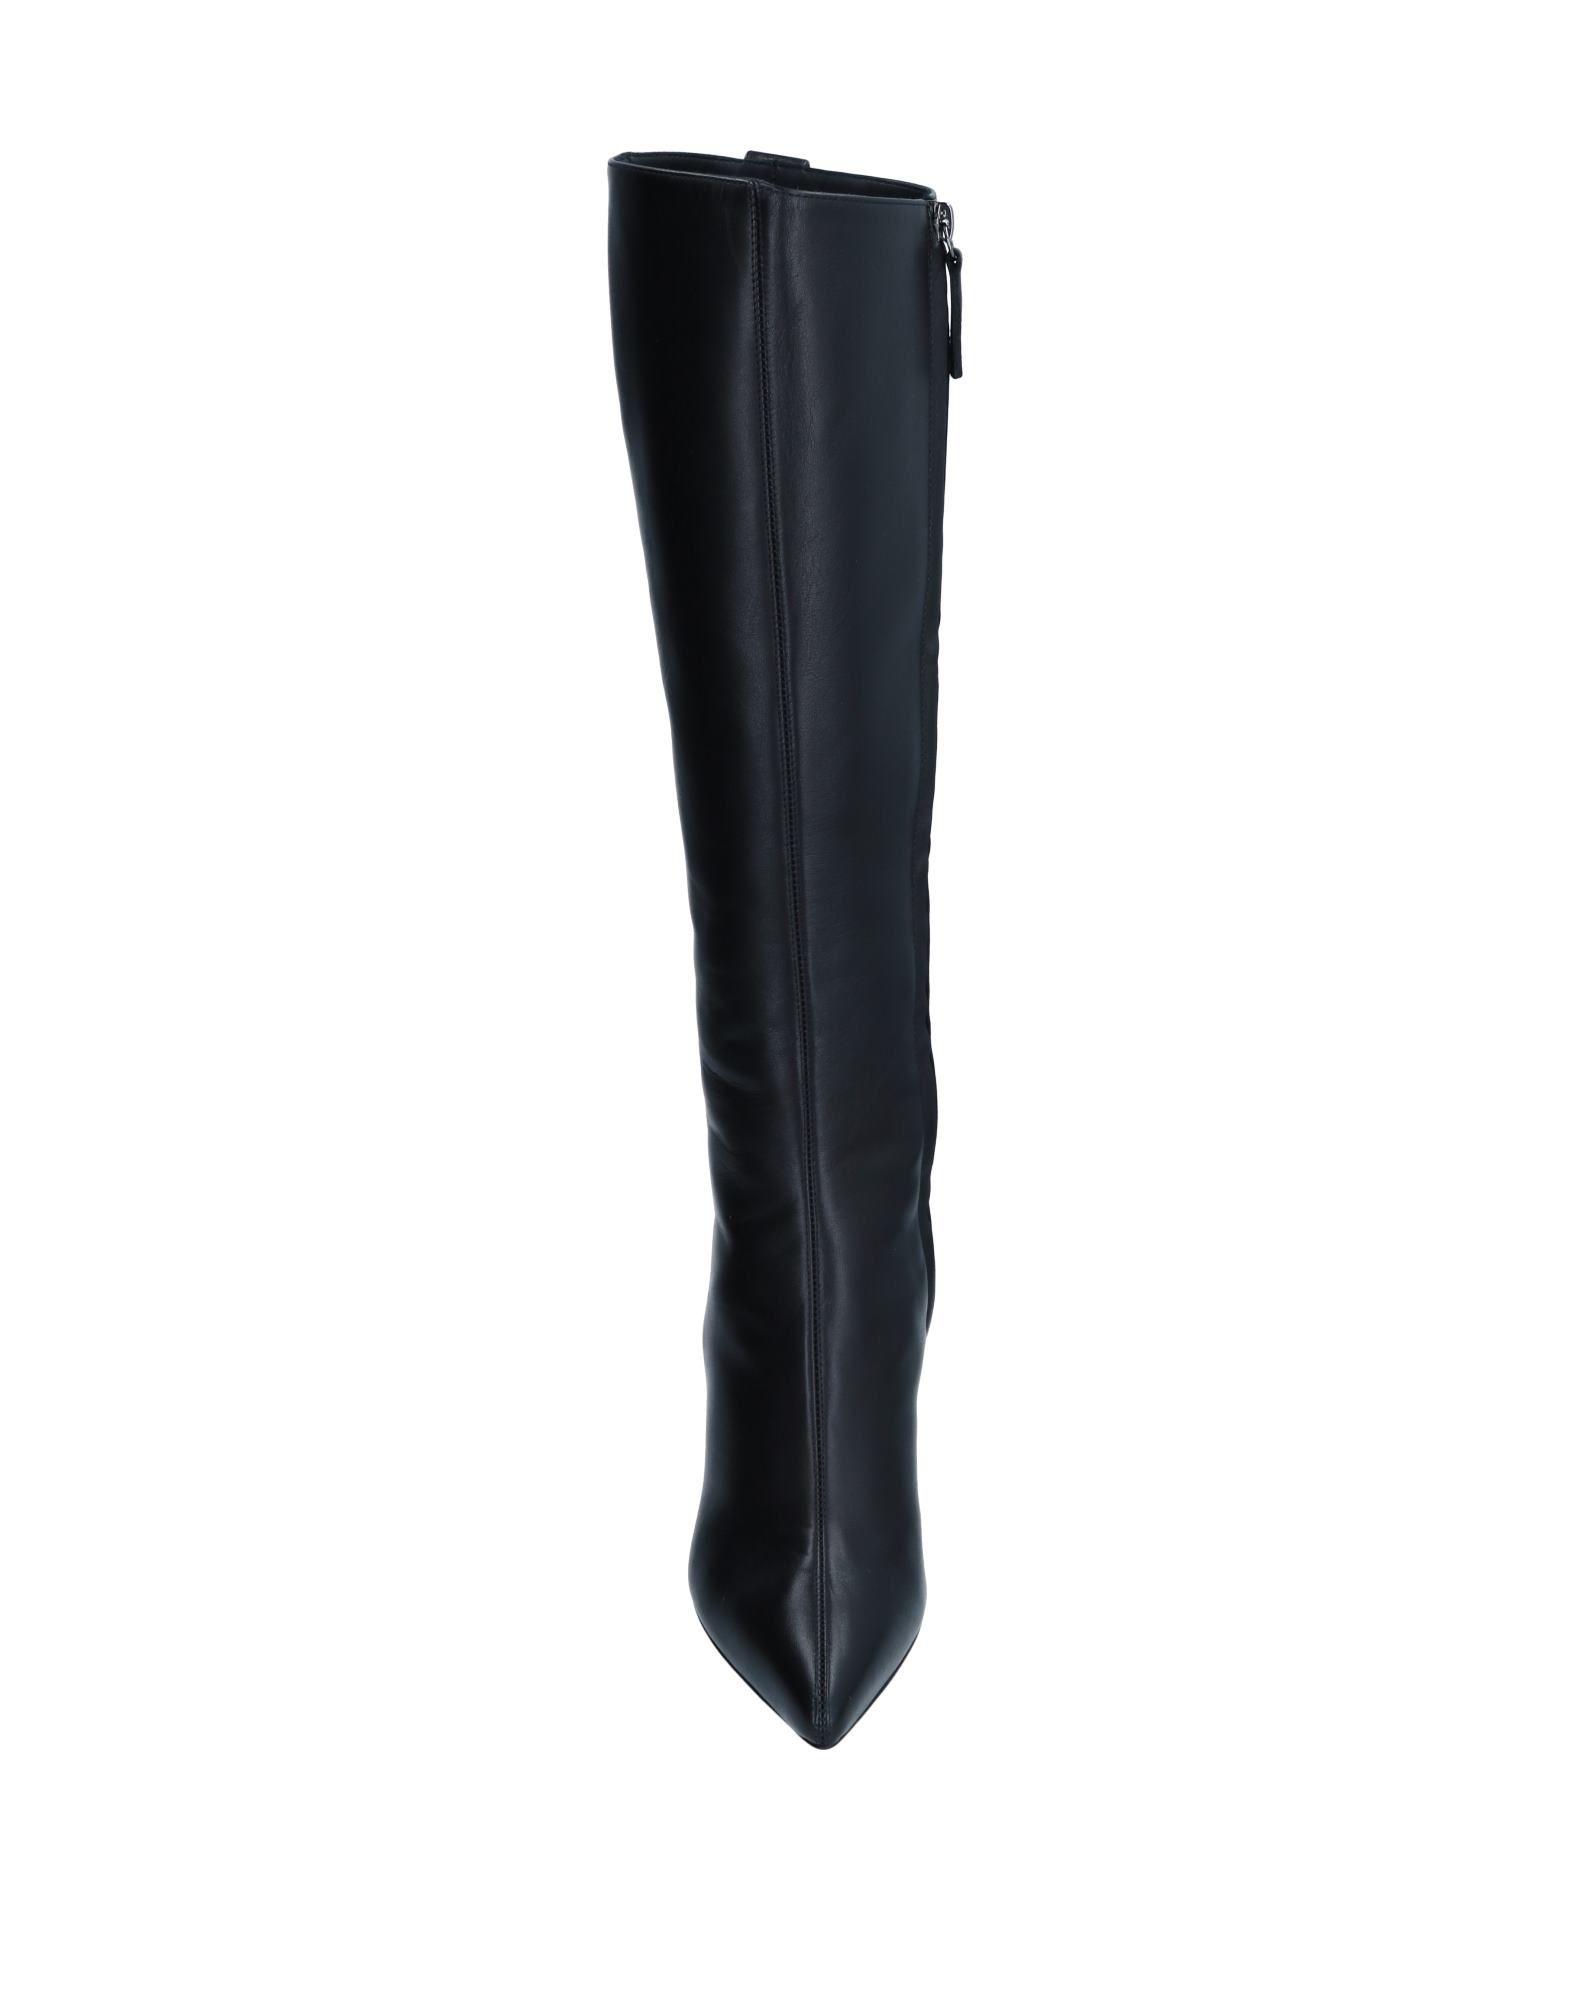 Giuseppe Zanotti Stiefel lohnt Damen Gutes Preis-Leistungs-Verhältnis, es lohnt Stiefel sich 829fb9